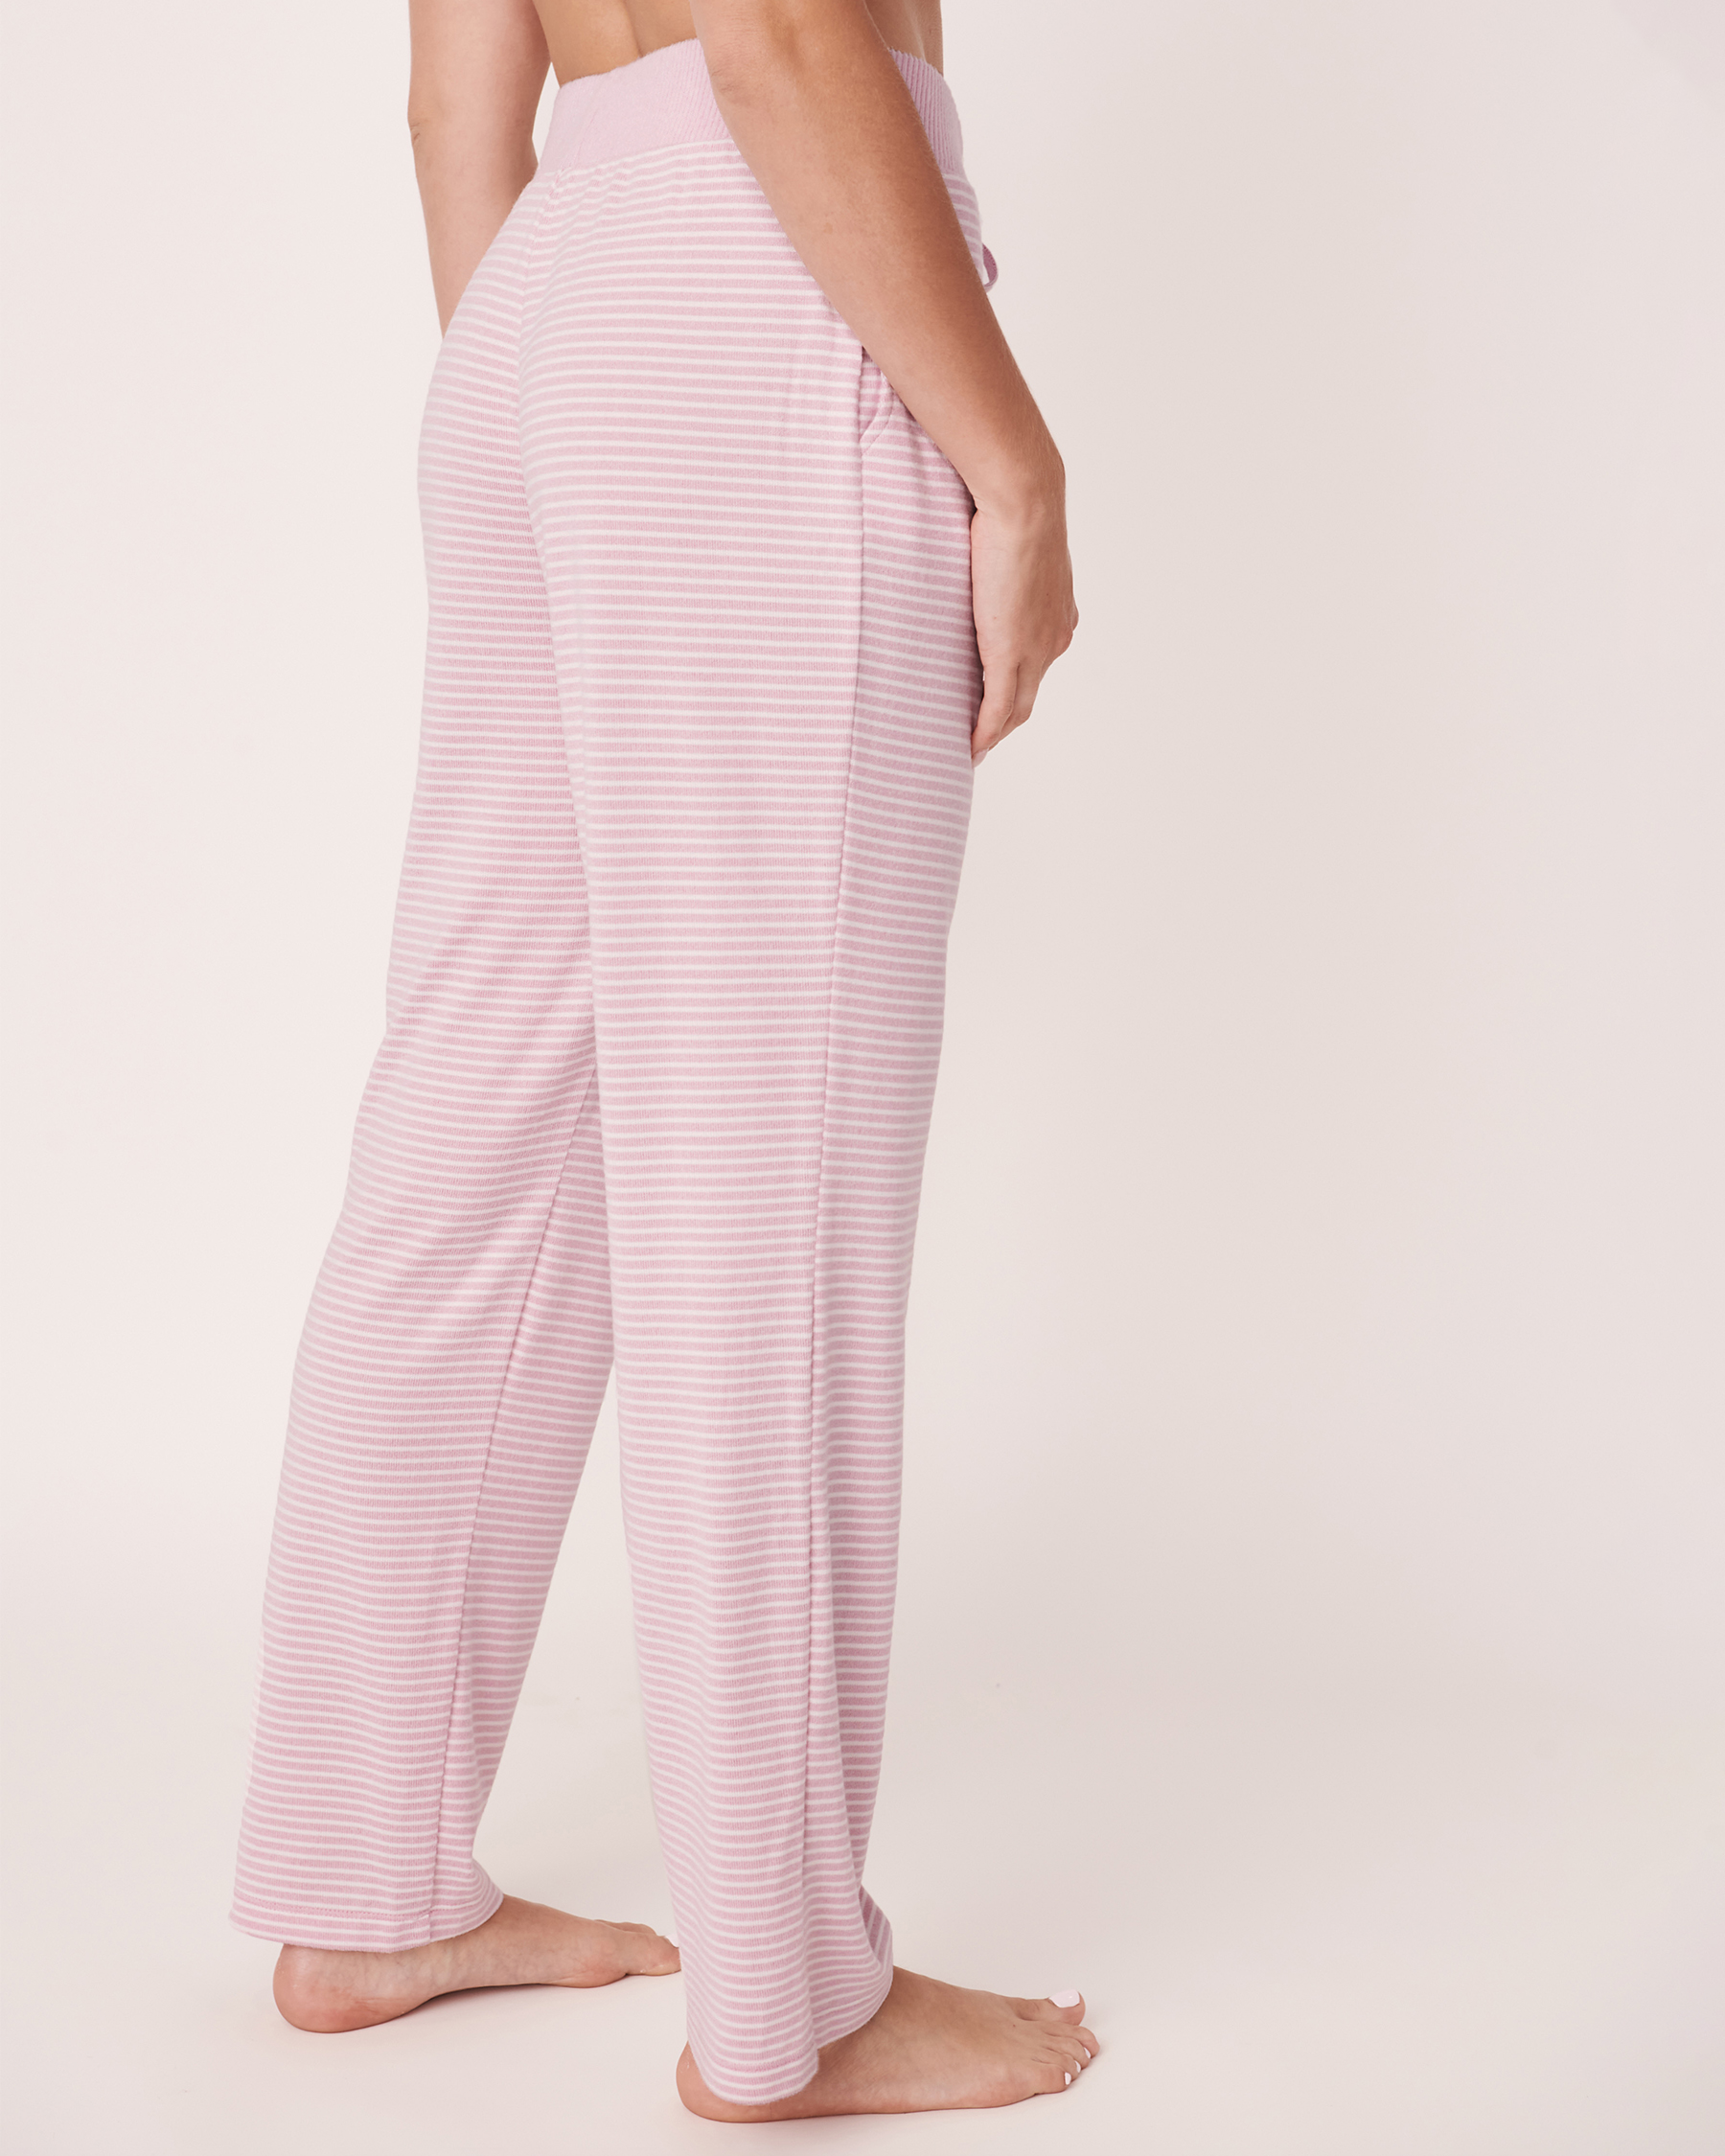 LA VIE EN ROSE Pantalon jambe droite en fibres recyclées Rayures multiples 40200134 - Voir2